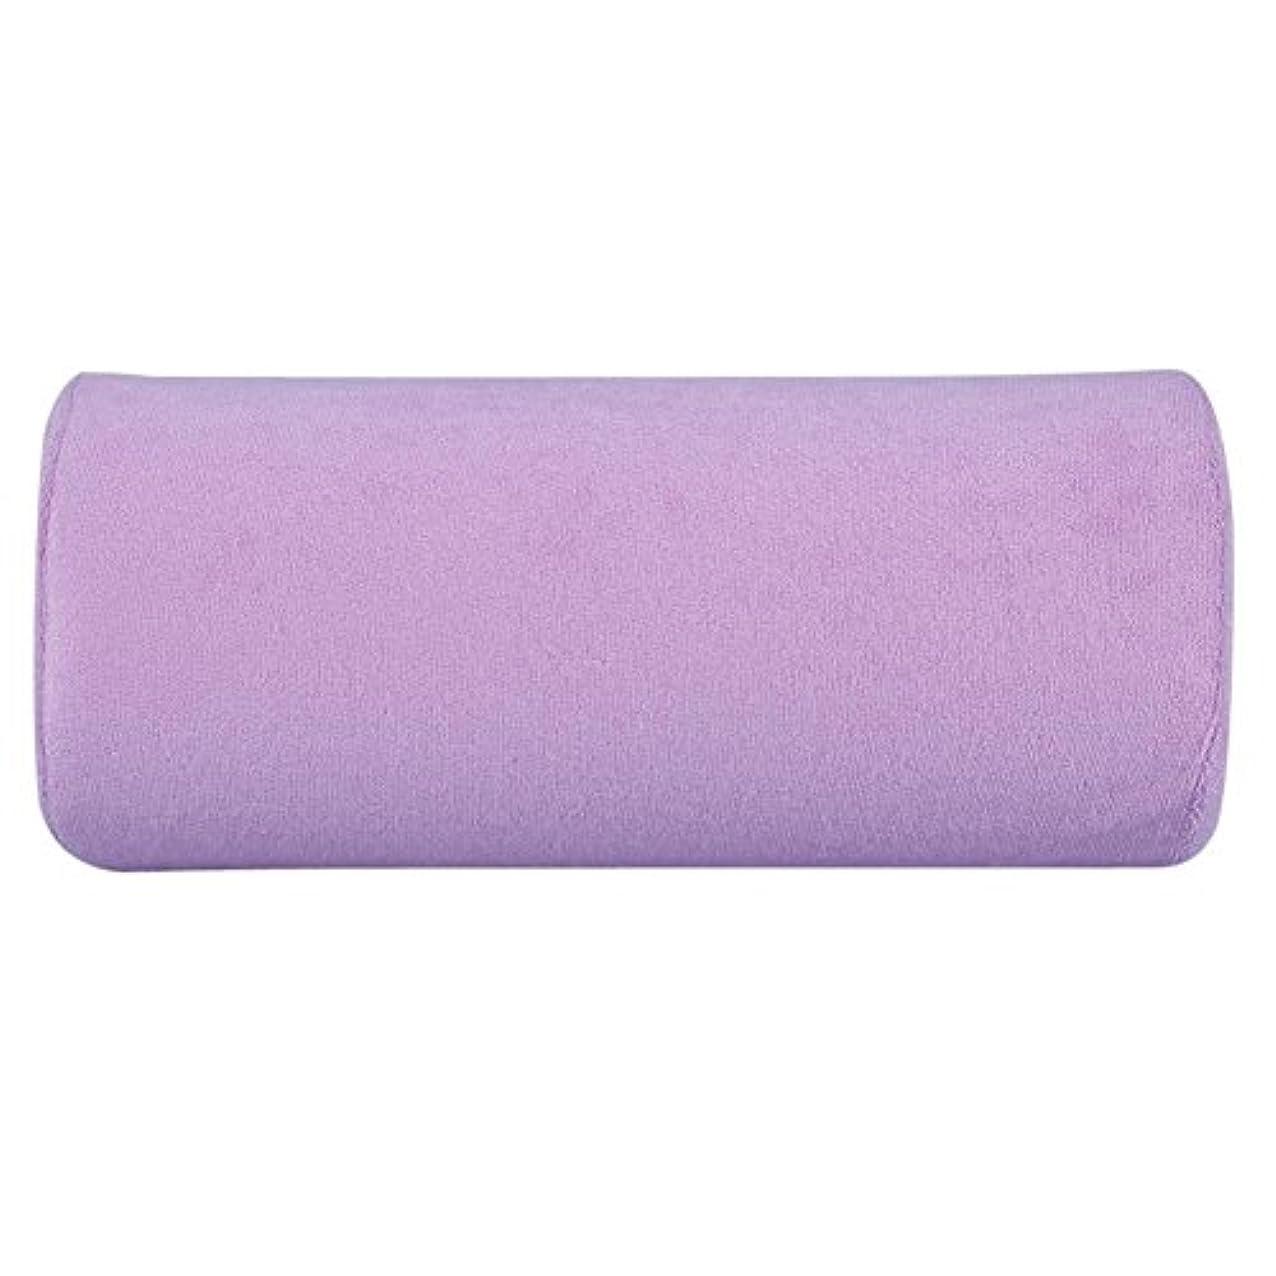 王子許可高層ビルochunネイル用アームレスト アームレスト ネイル ハンドクッション 10色 サロン ハンドレストクッション 取り外し可能 洗える ネイルアートソフトスポンジ枕(02)